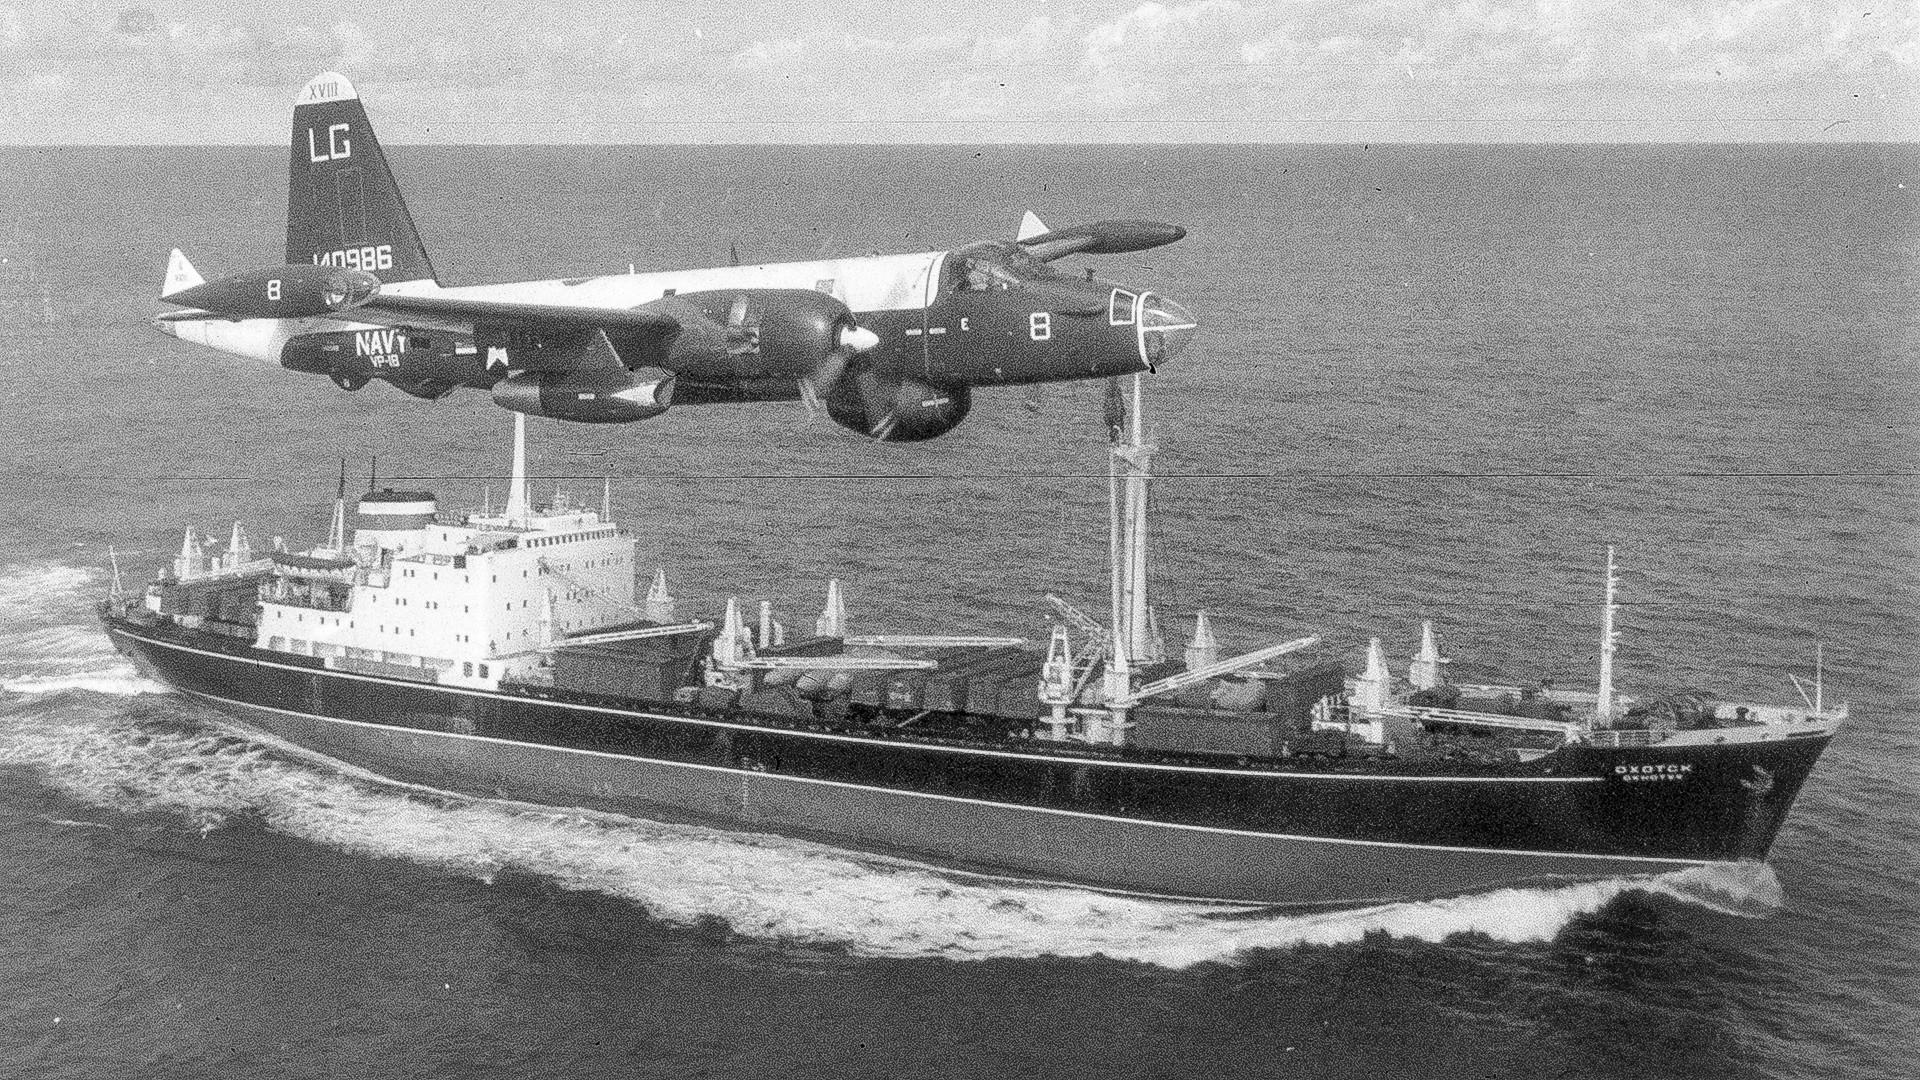 Ein US-Patrouillenflugzeug fliegt während der Kubakrise 1962 über einen sowjetischen Frachter.